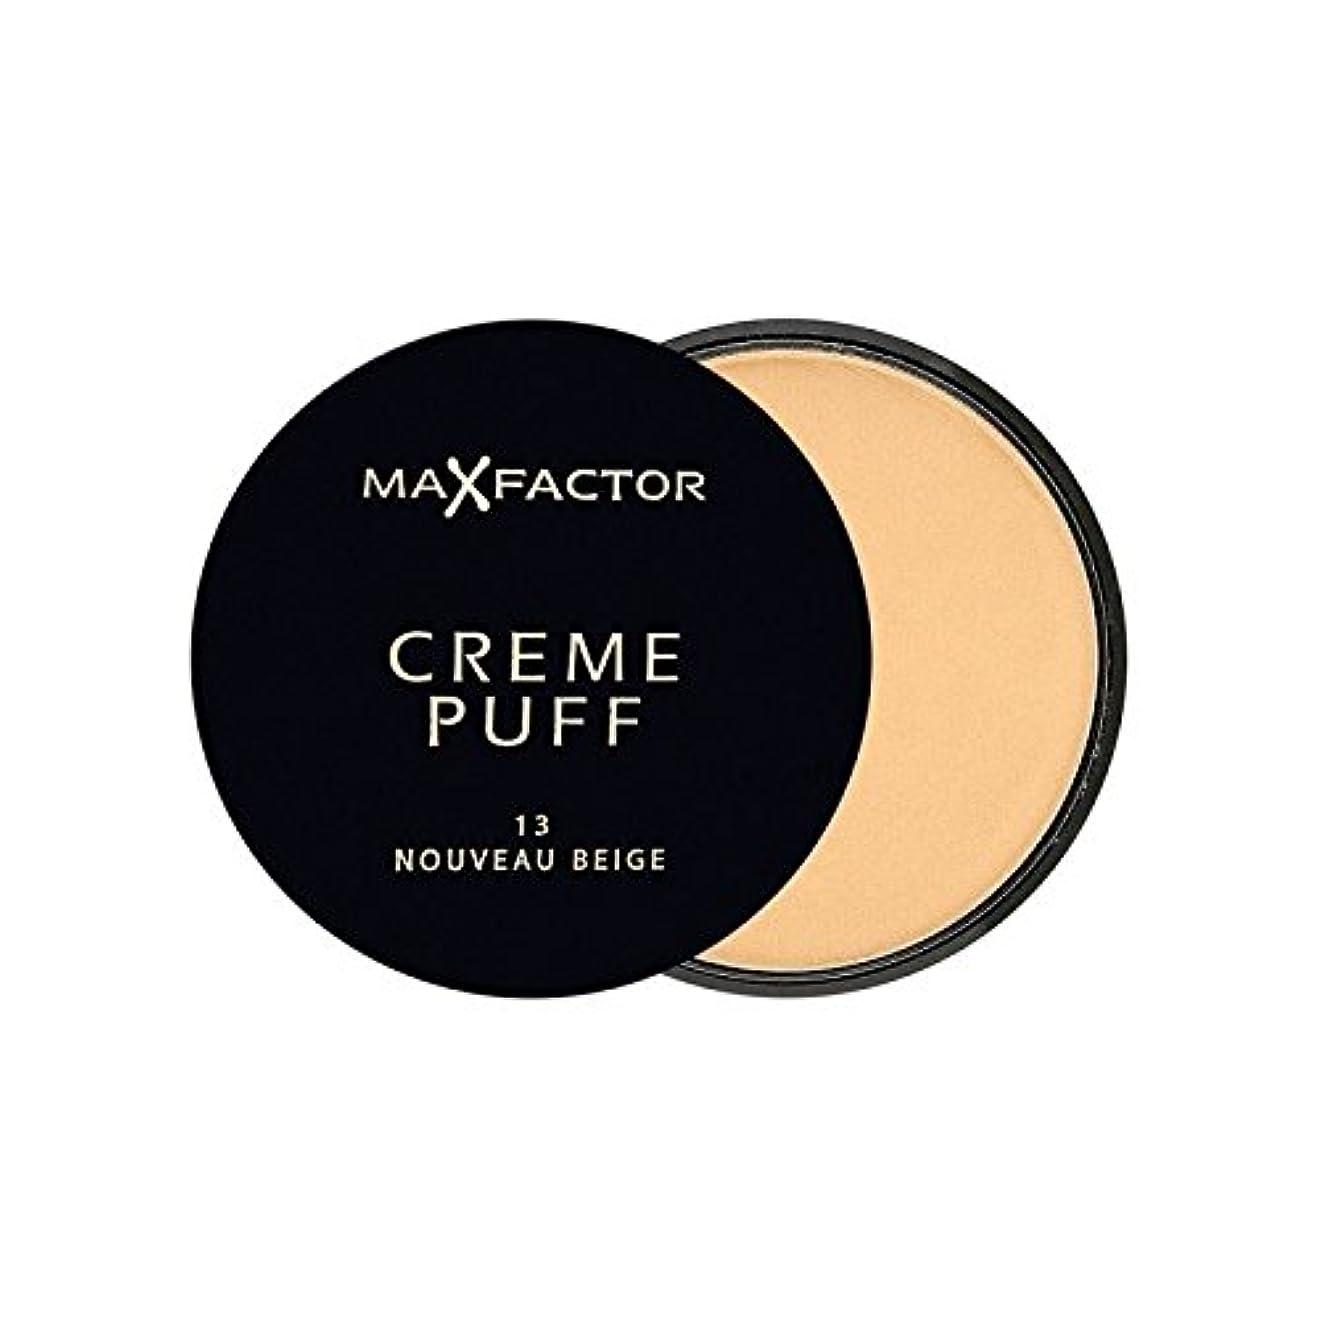 帝国主義女優司書マックスファクタークリームパフ粉末コンパクトヌーボーベージュ13 x4 - Max Factor Creme Puff Powder Compact Nouveau Beige 13 (Pack of 4) [並行輸入品]